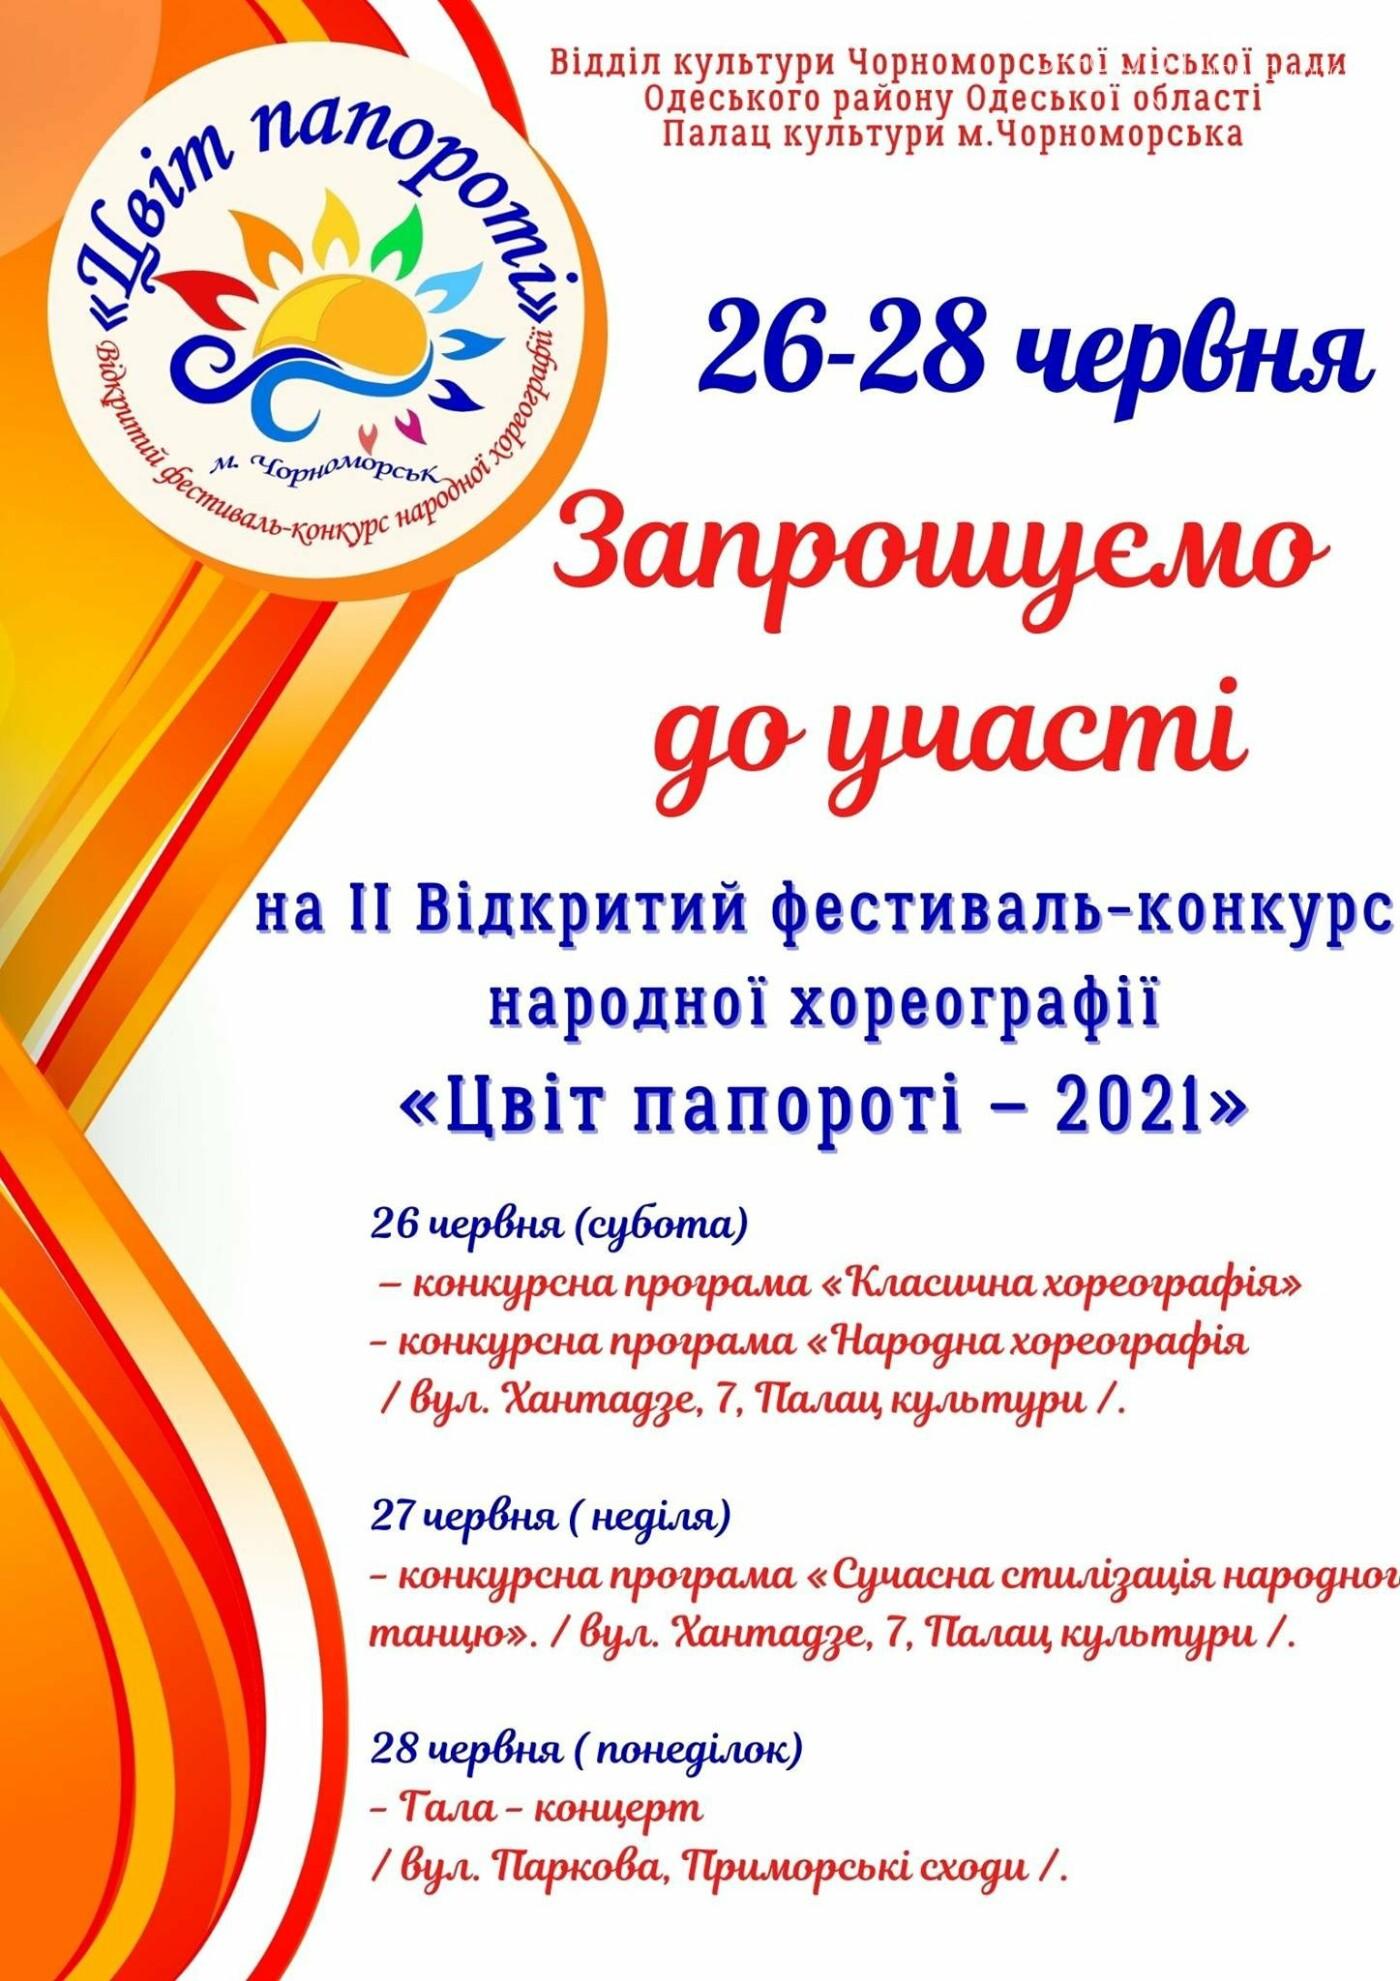 В Черноморске пройдет фестиваль-конкурс «Цвет папоротника-2021», фото-1